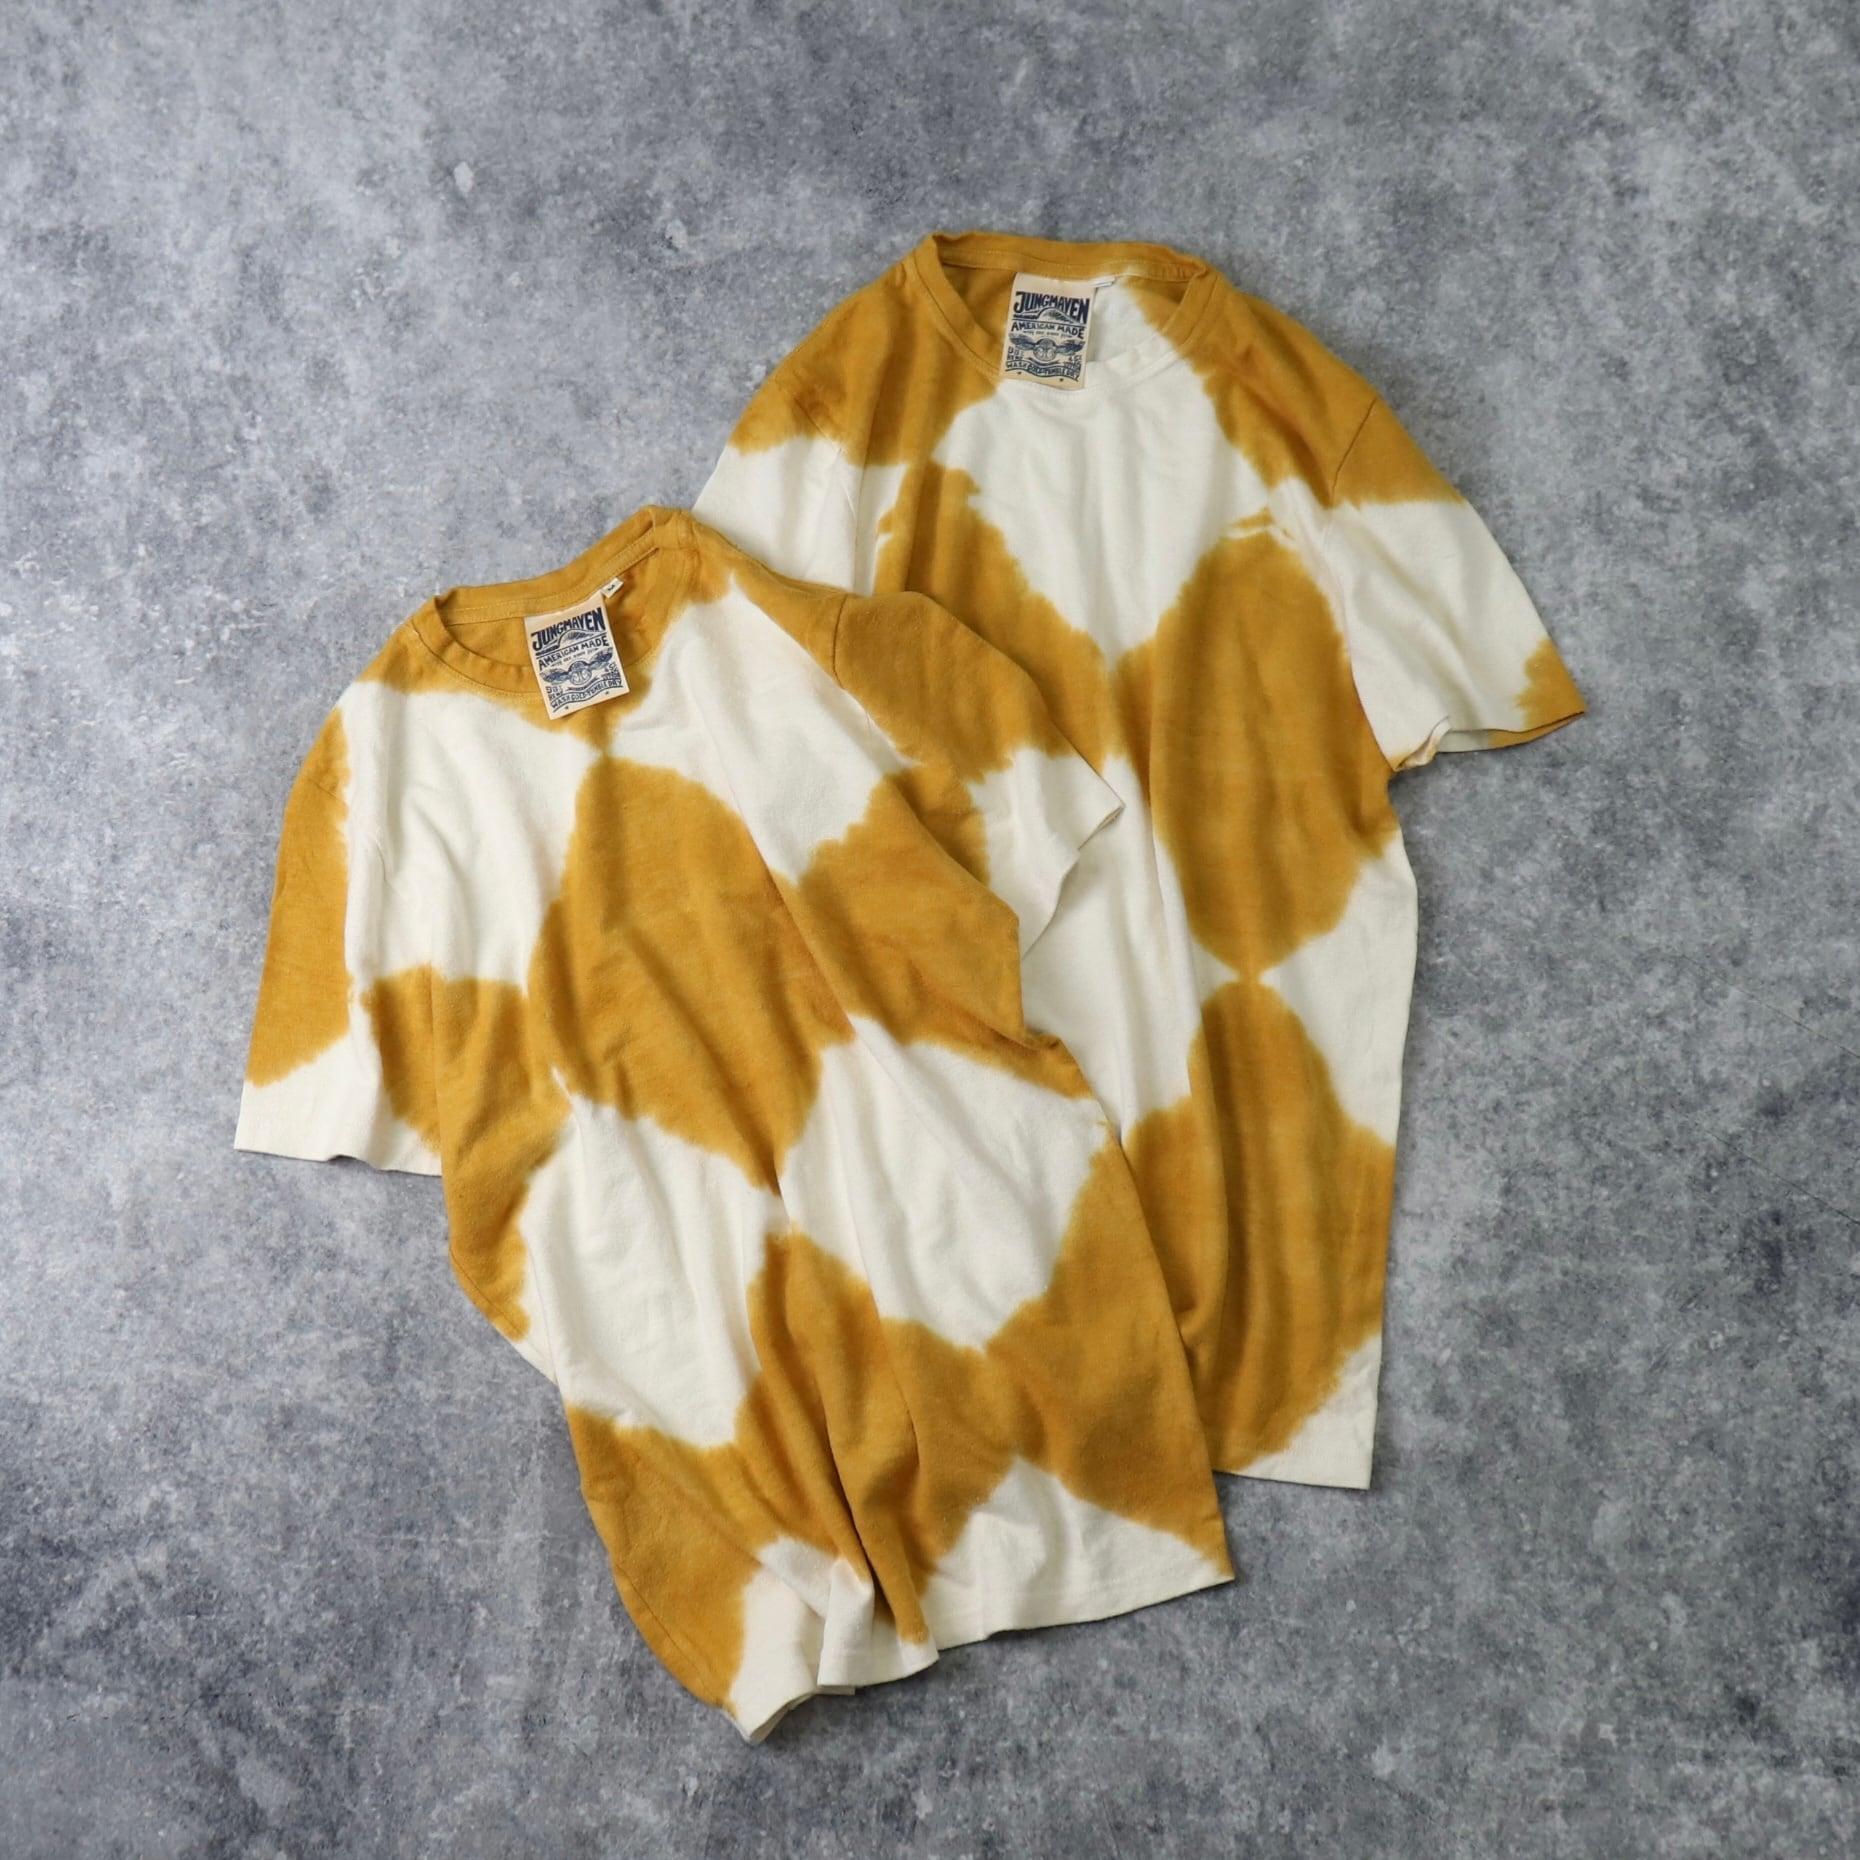 【 JUNGMAVEN  /  ユングメイブン 】 ヘンプ x オーガニックコットン 半袖 タイダイTシャツ メンズ 新品 A440